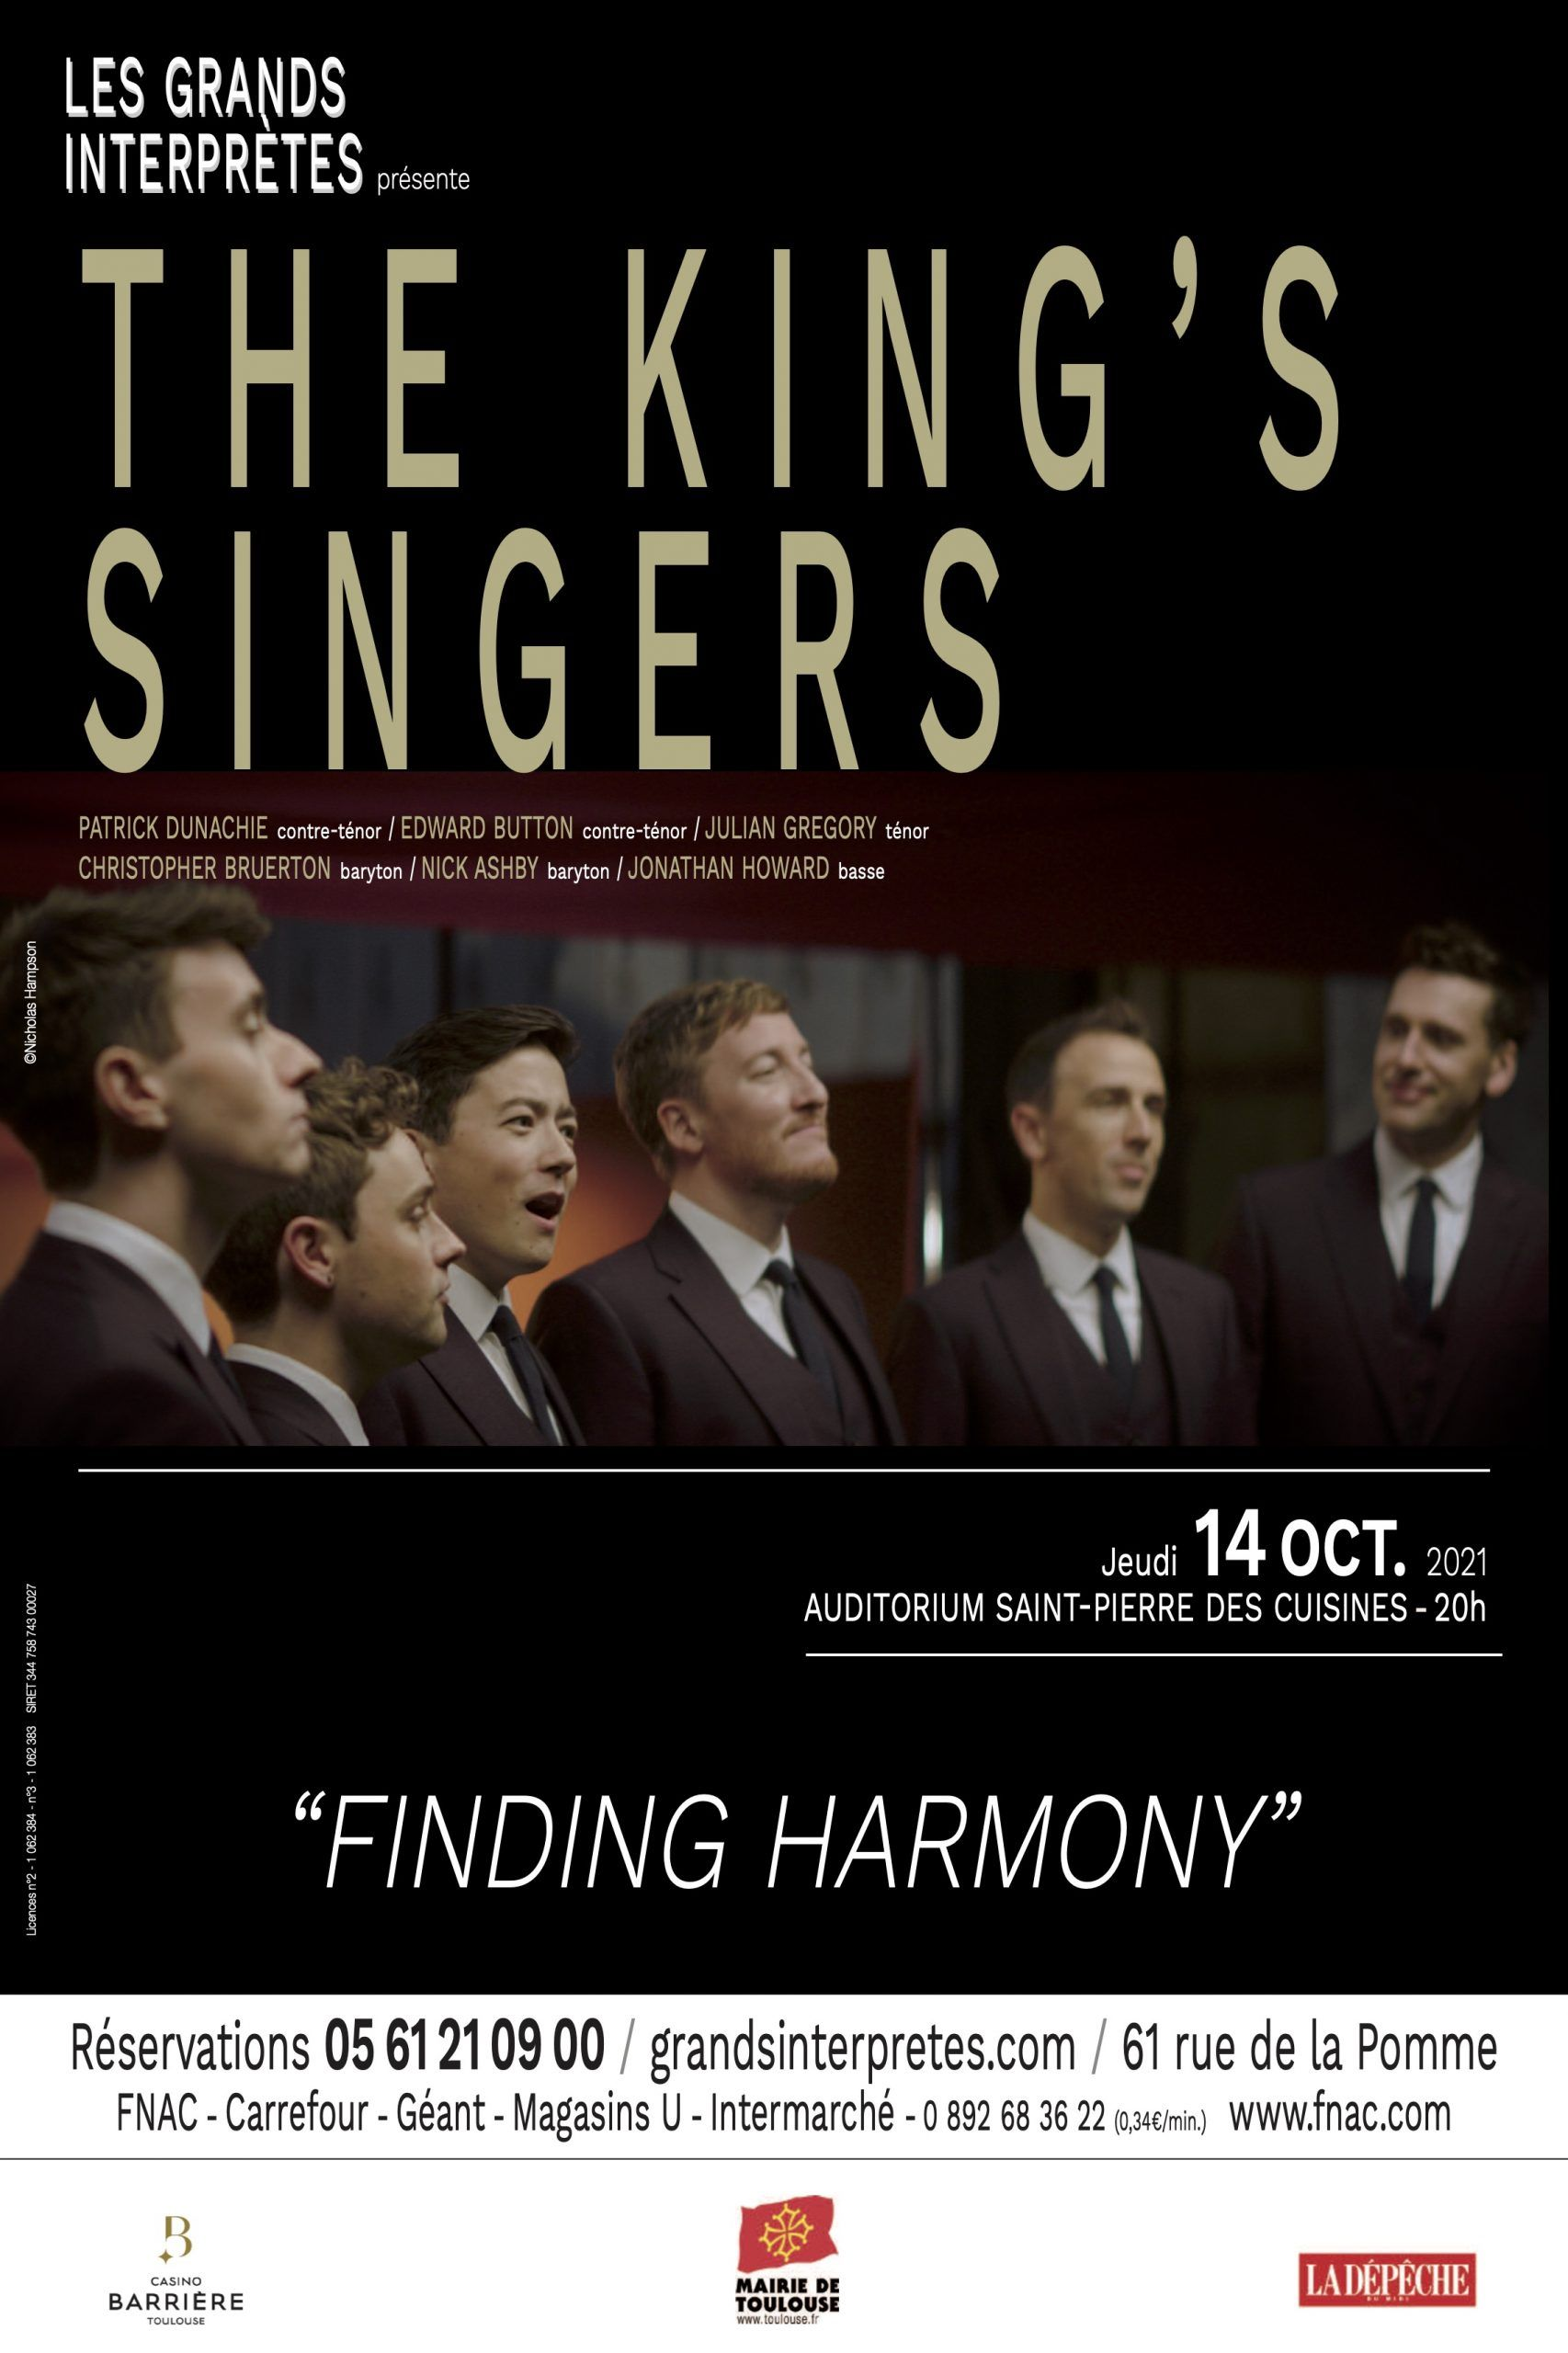 Les Grands Interprètes - The King's Singers